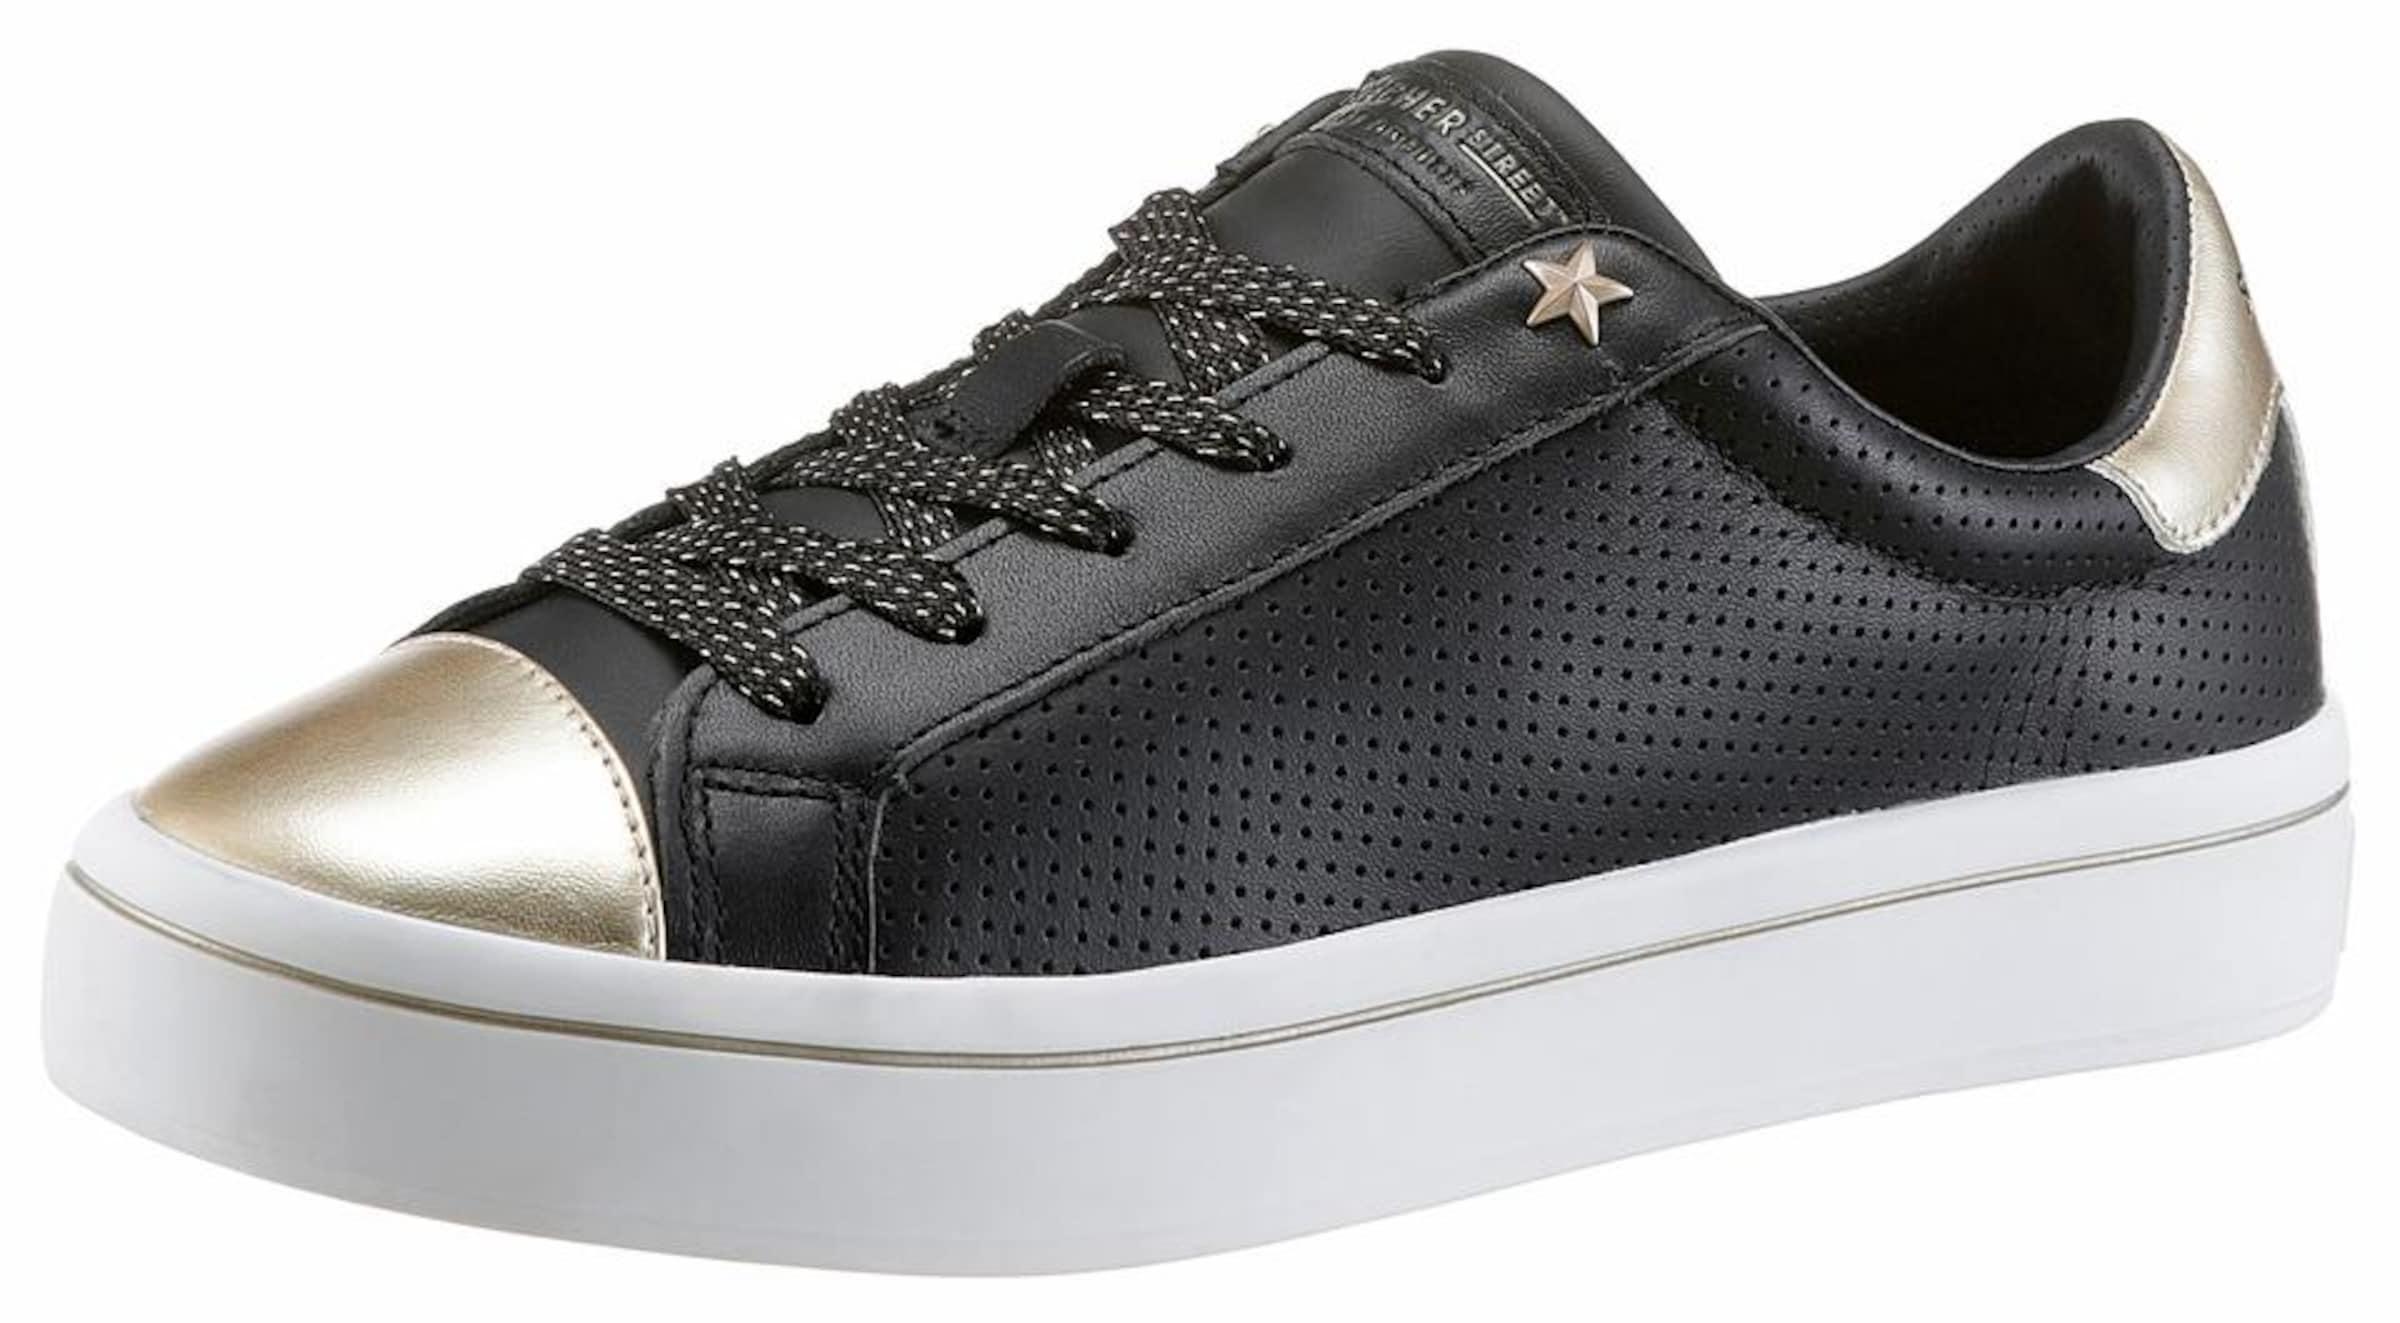 SKECHERS Sneaker Hi-Lite-Magnetoes Verschleißfeste billige Schuhe